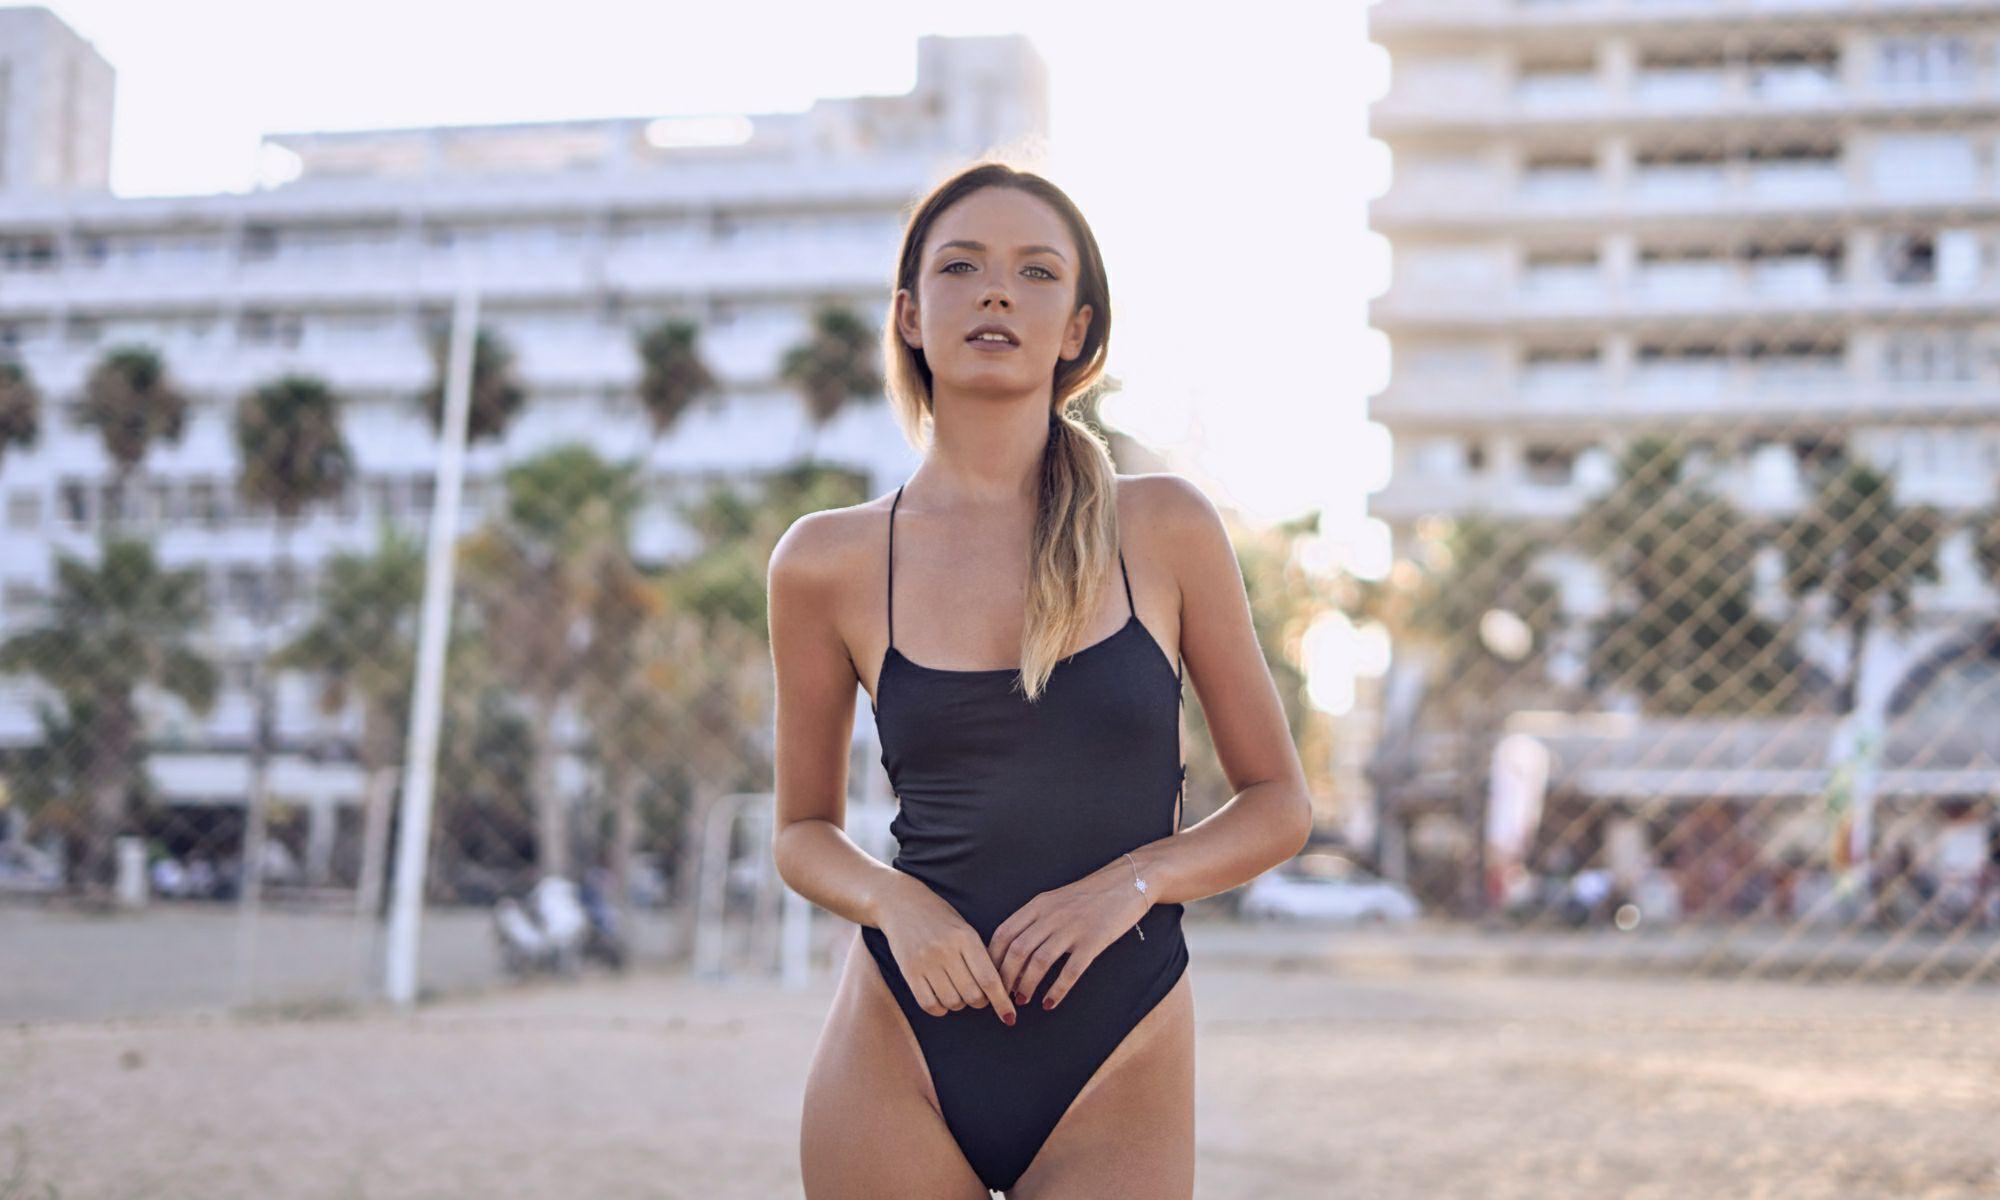 ukrainian girls beach ile ilgili görsel sonucu